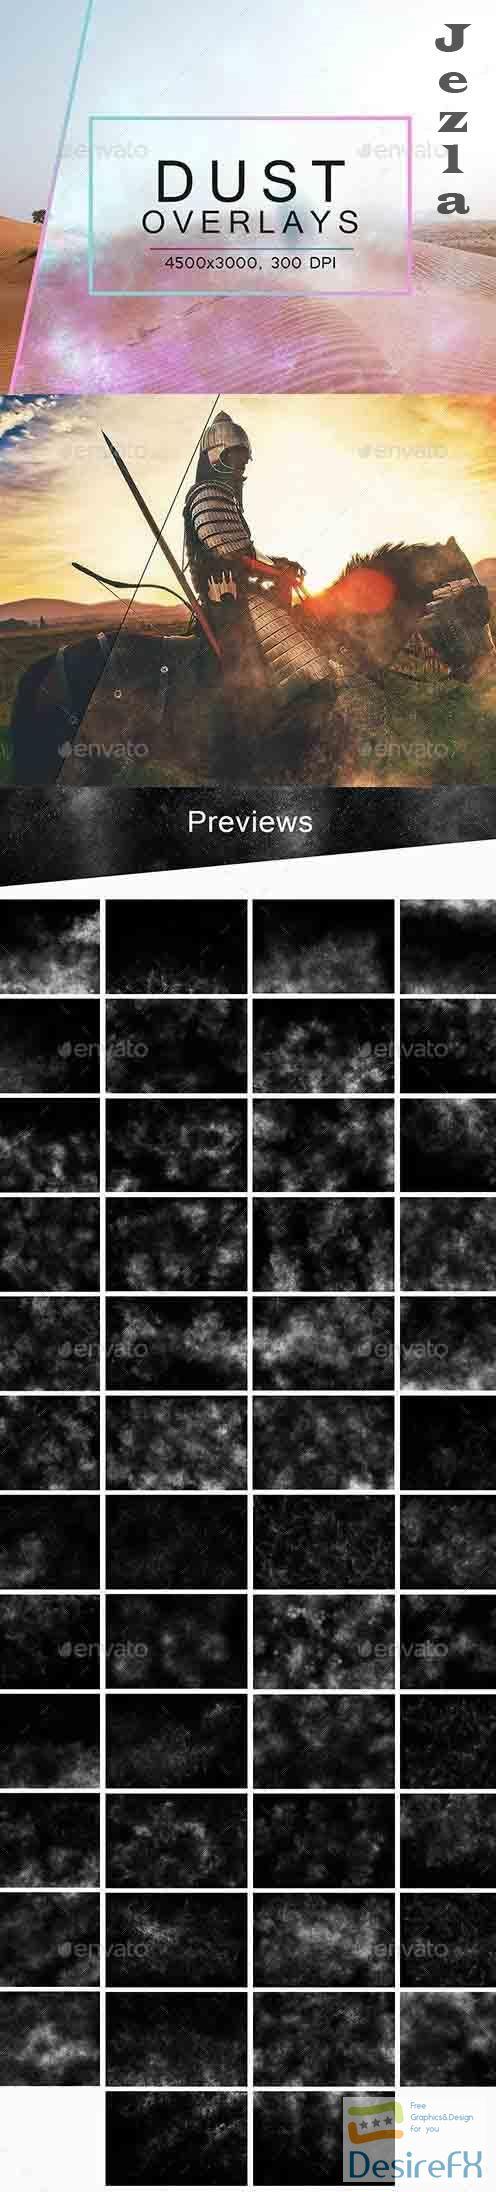 50 Dust Overlays - 27432248